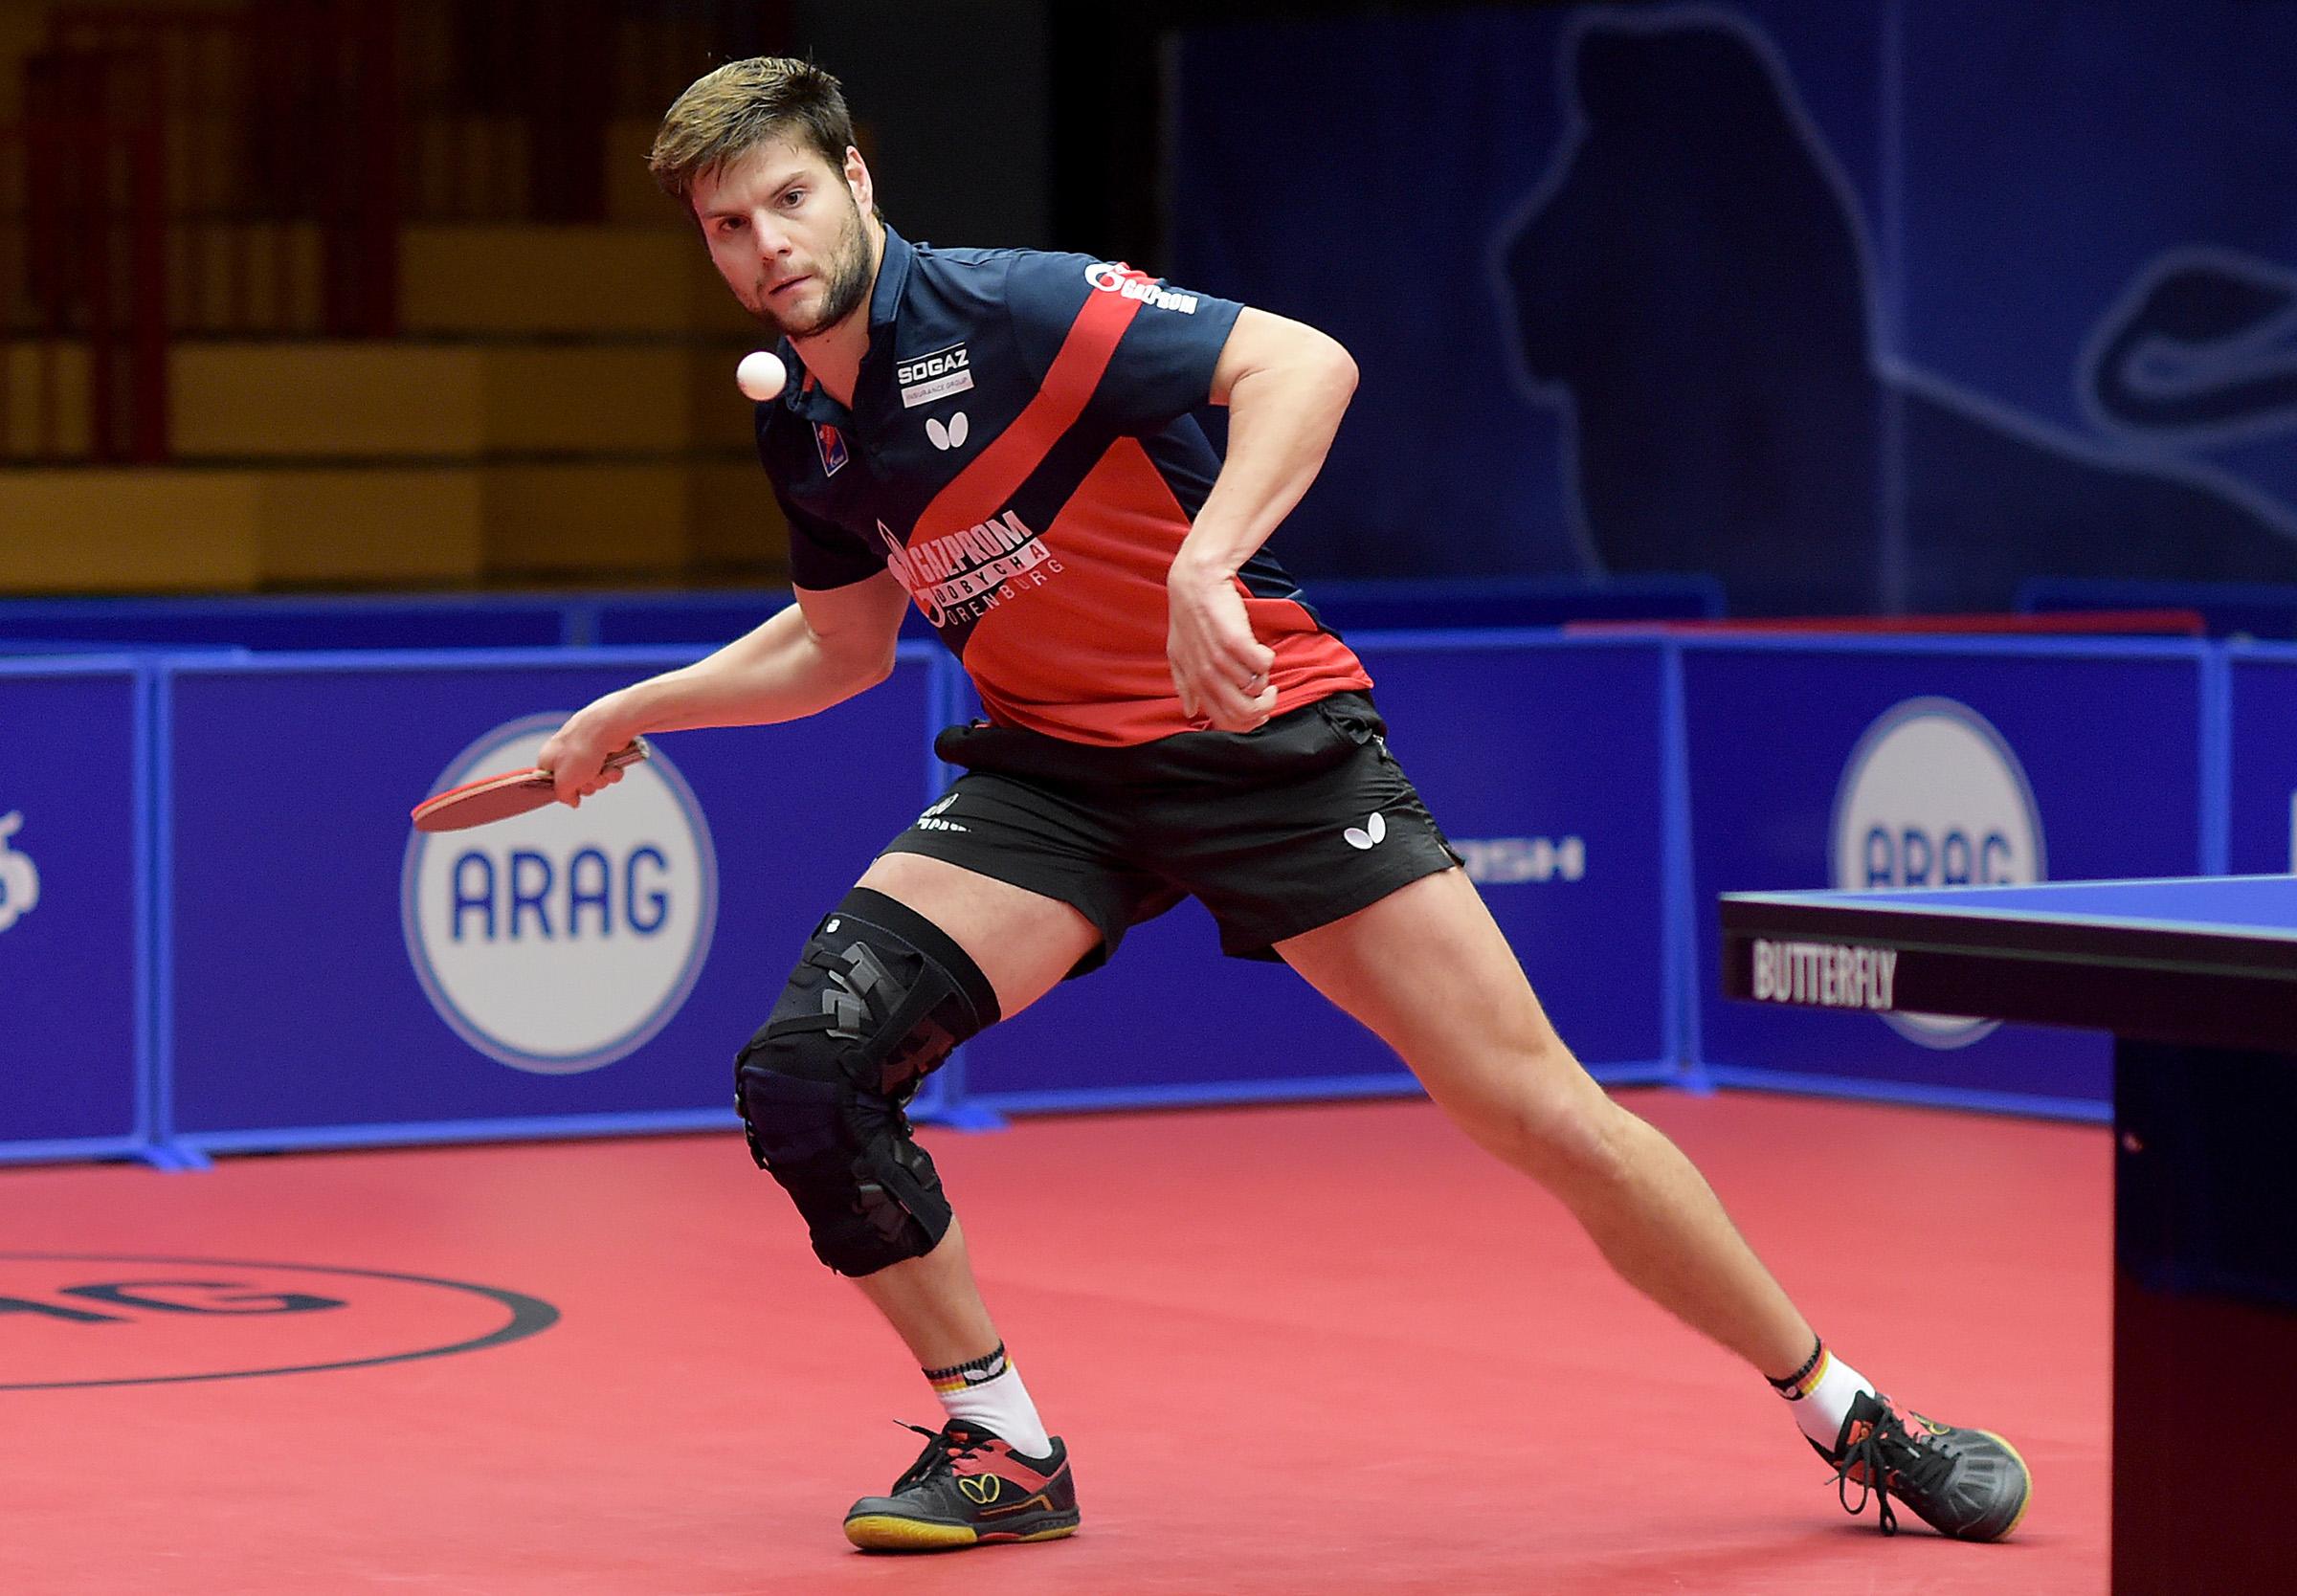 Дмитрий Овчаров выступит в двух турнирах в Катаре